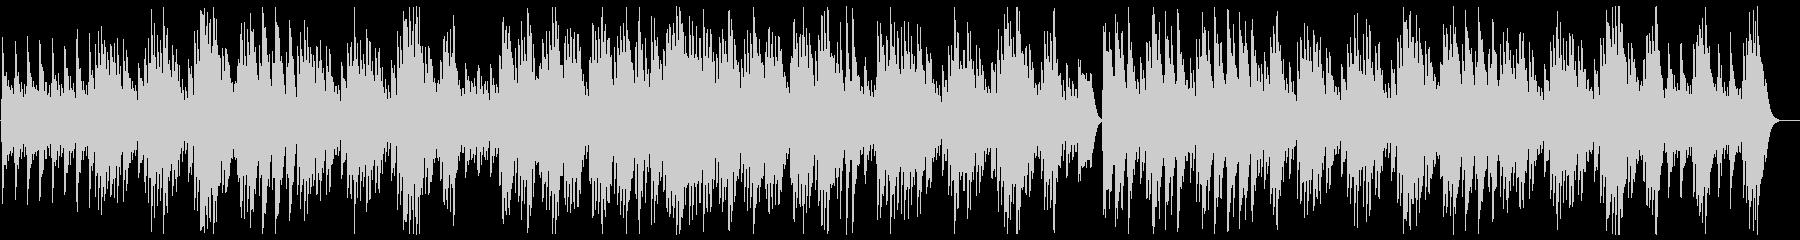 ふんわり心地のいいスローなオルゴールの曲の未再生の波形